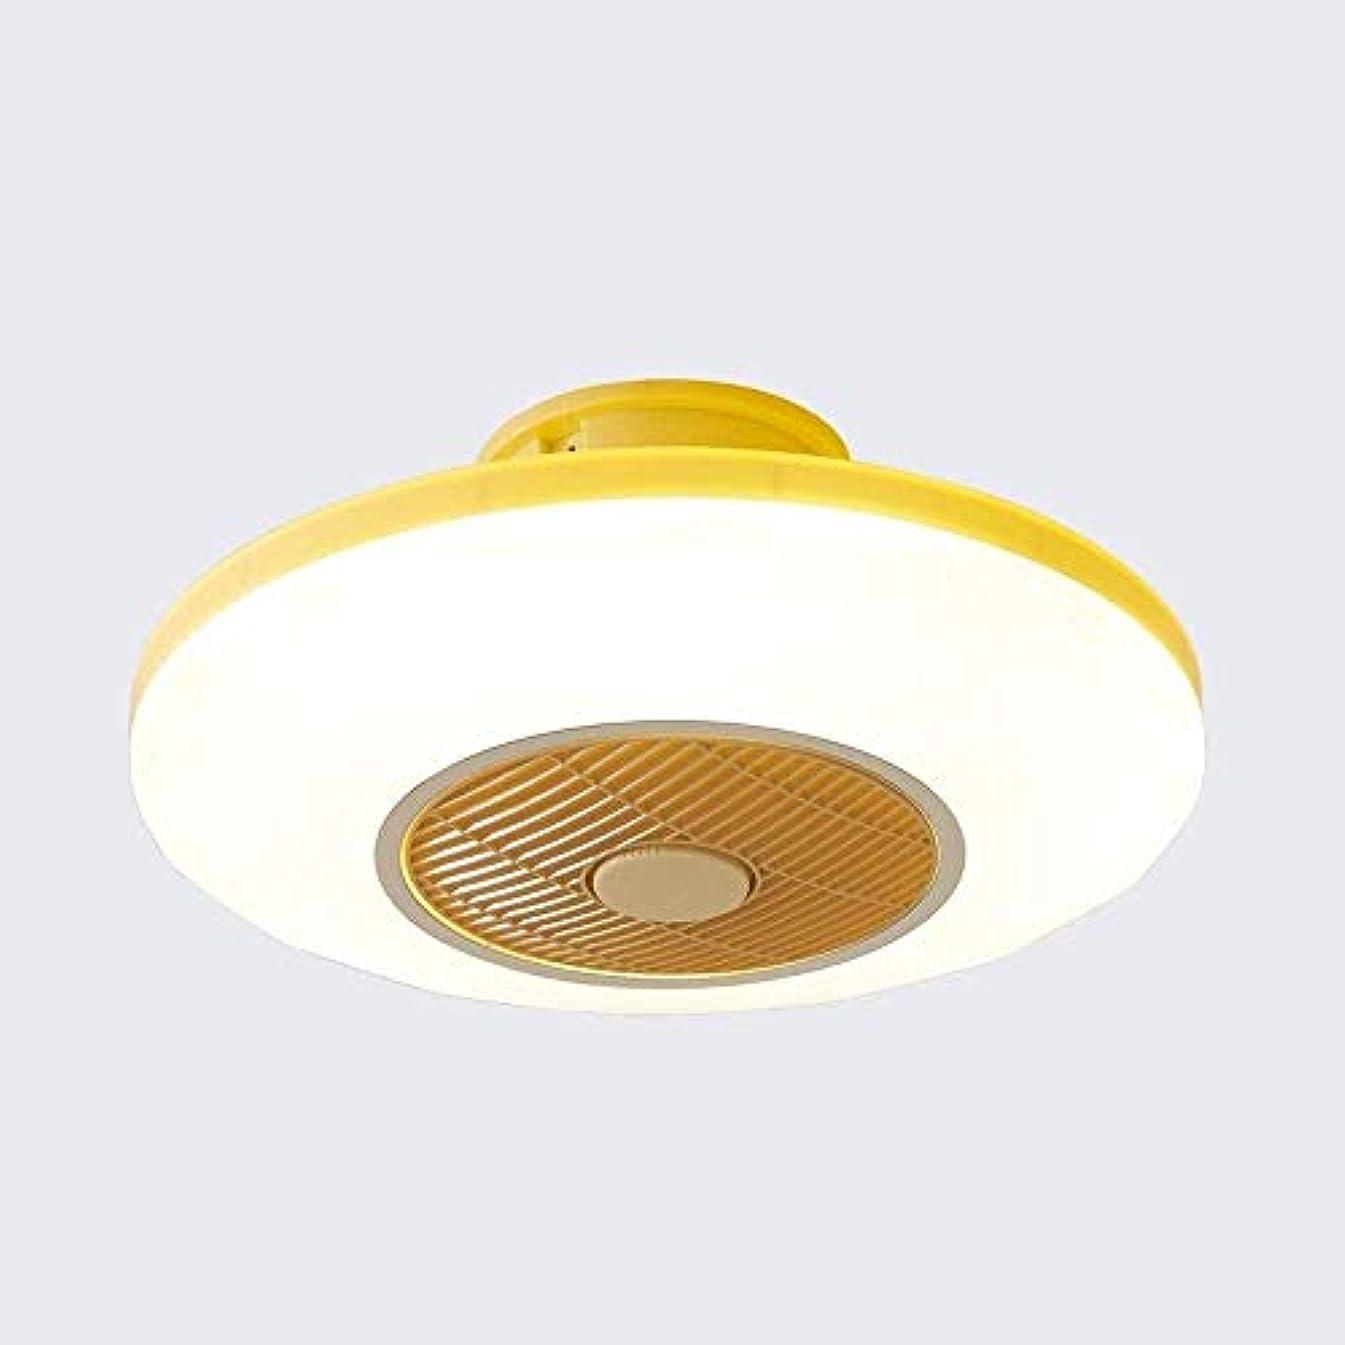 炭水化物心のこもった機知に富んだ照明や換気LEDの天井のファンの光ベッドルームランプ子供ルームホームレストランのリモコン110V?240V耐久性に優れた省エネ天井のファンライト、快適な風と柔らかな照明を提供します (Color : Yellow)